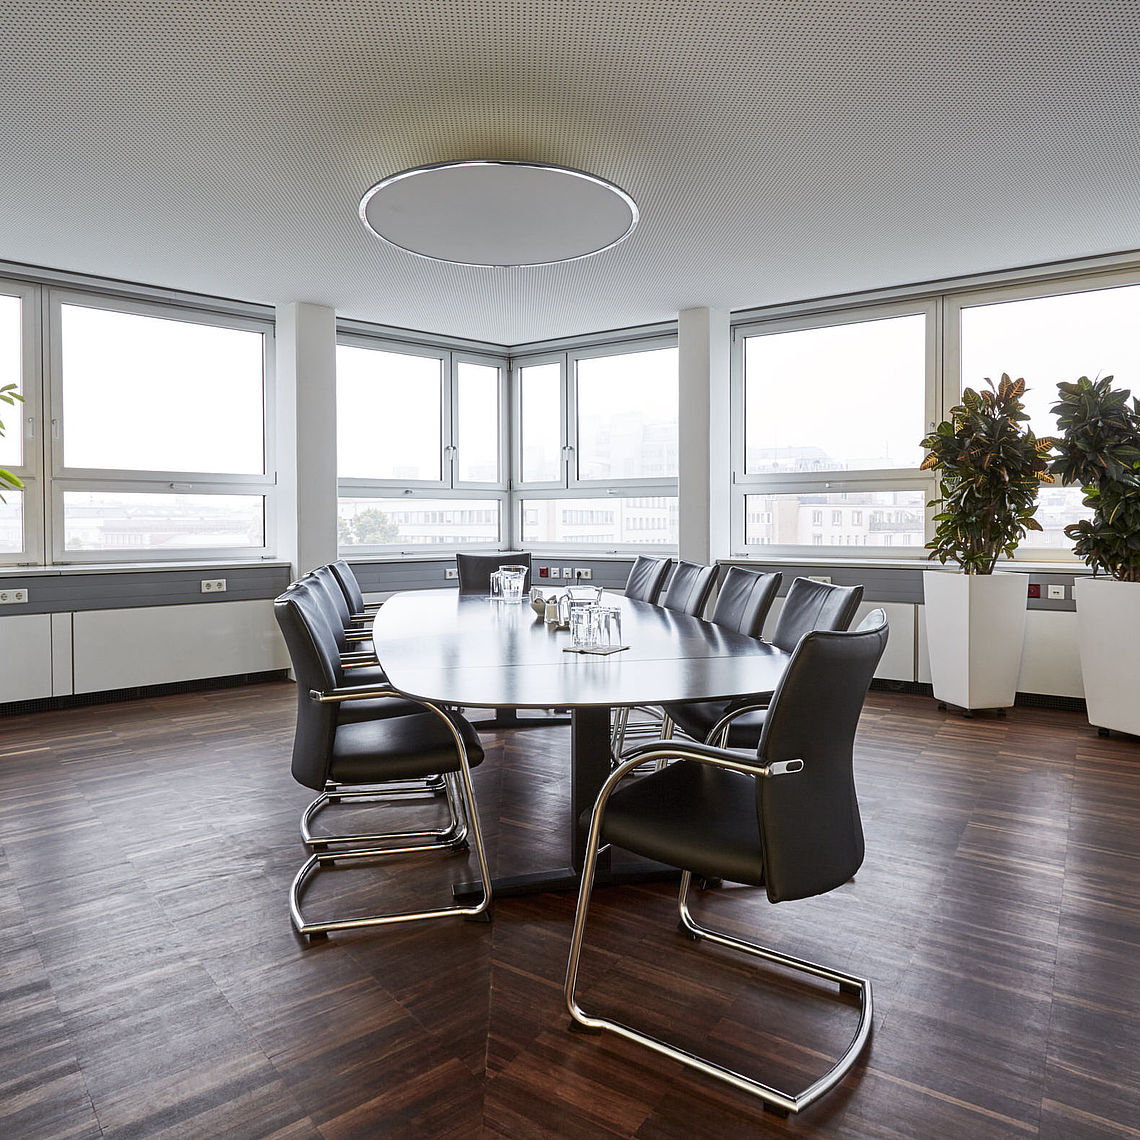 Meeting room in Akademiehof in Vienna